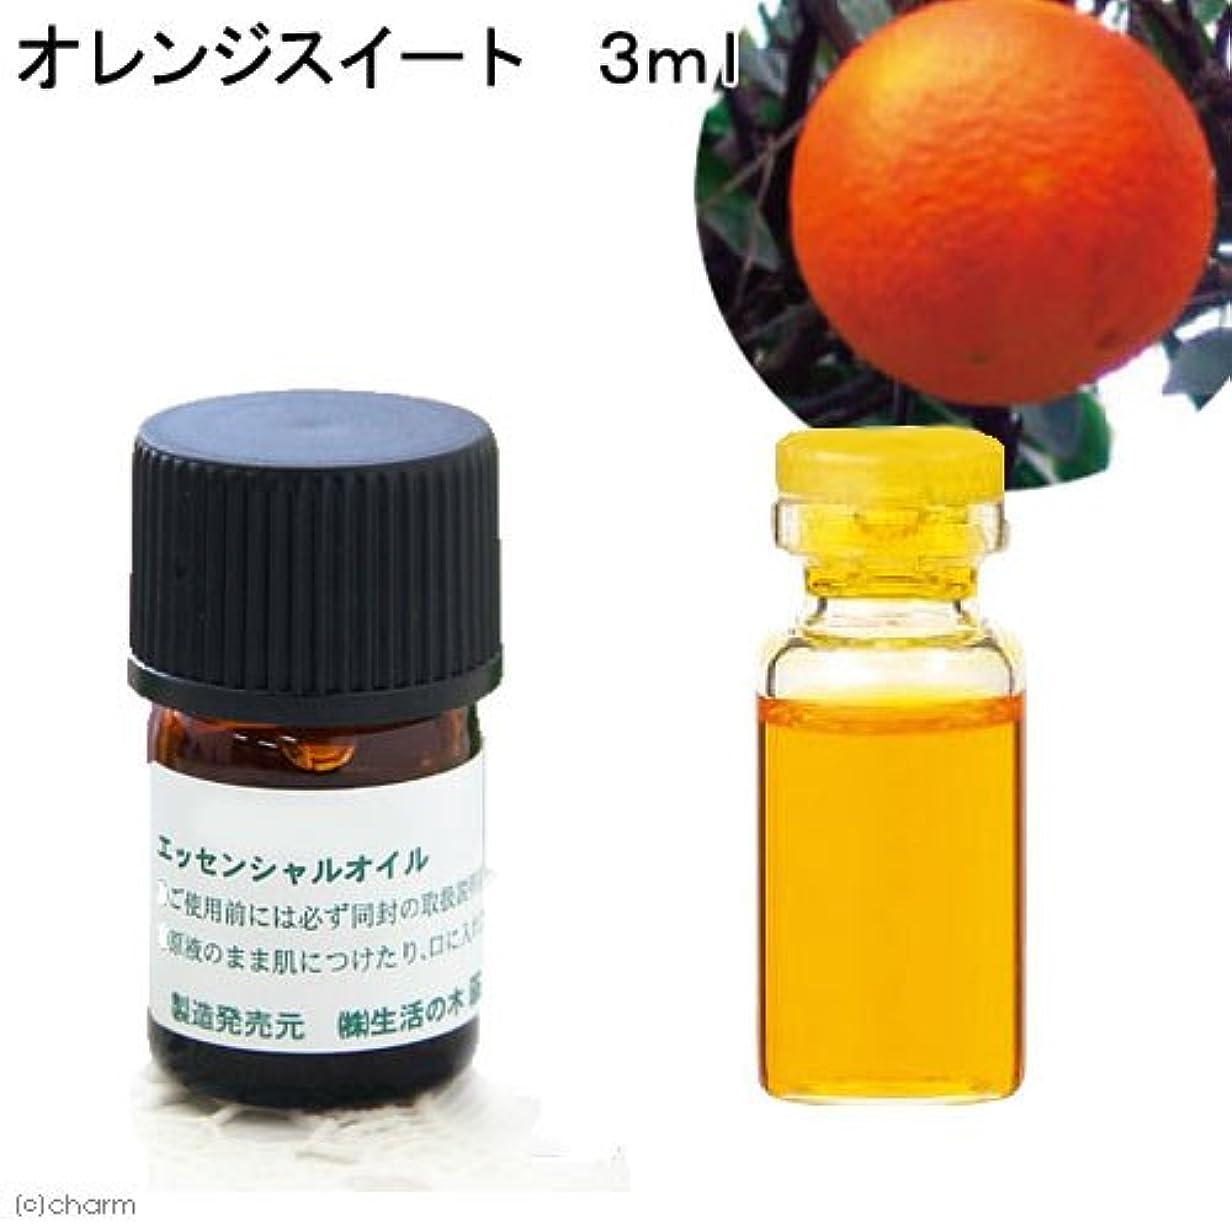 アミューズ二次ケント生活の木 オレンジスイート 3ml